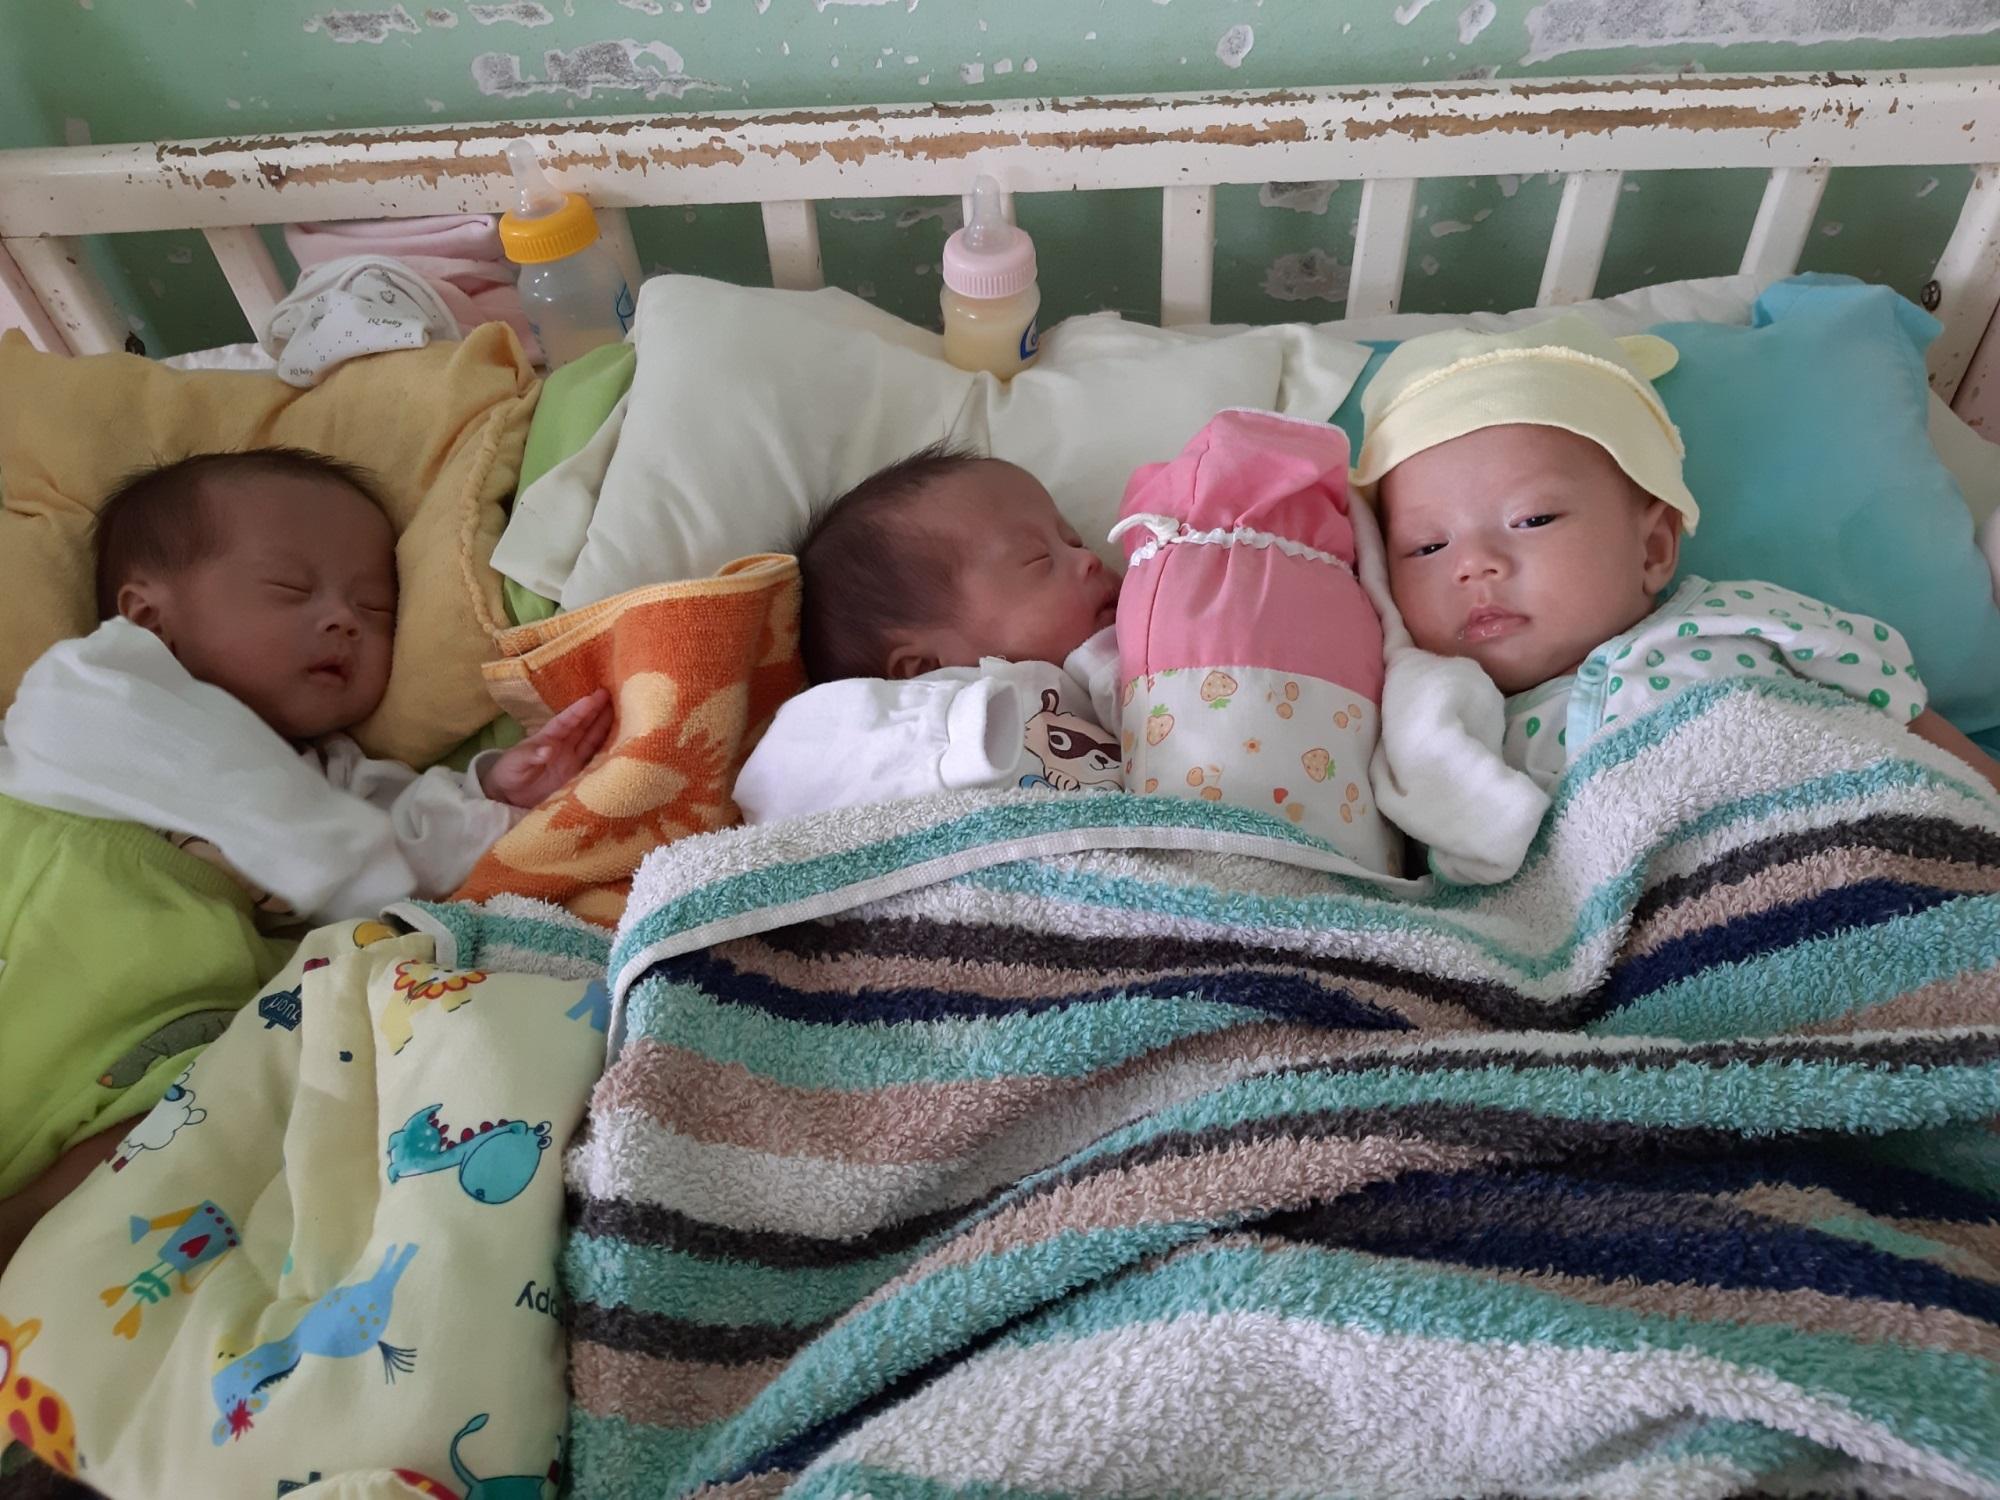 Chuỗi chương trình từ thiện 3 ngày của Hội đá ốp lát Sài Gòn kỷ niệm 10 năm thành lập - Ảnh 12